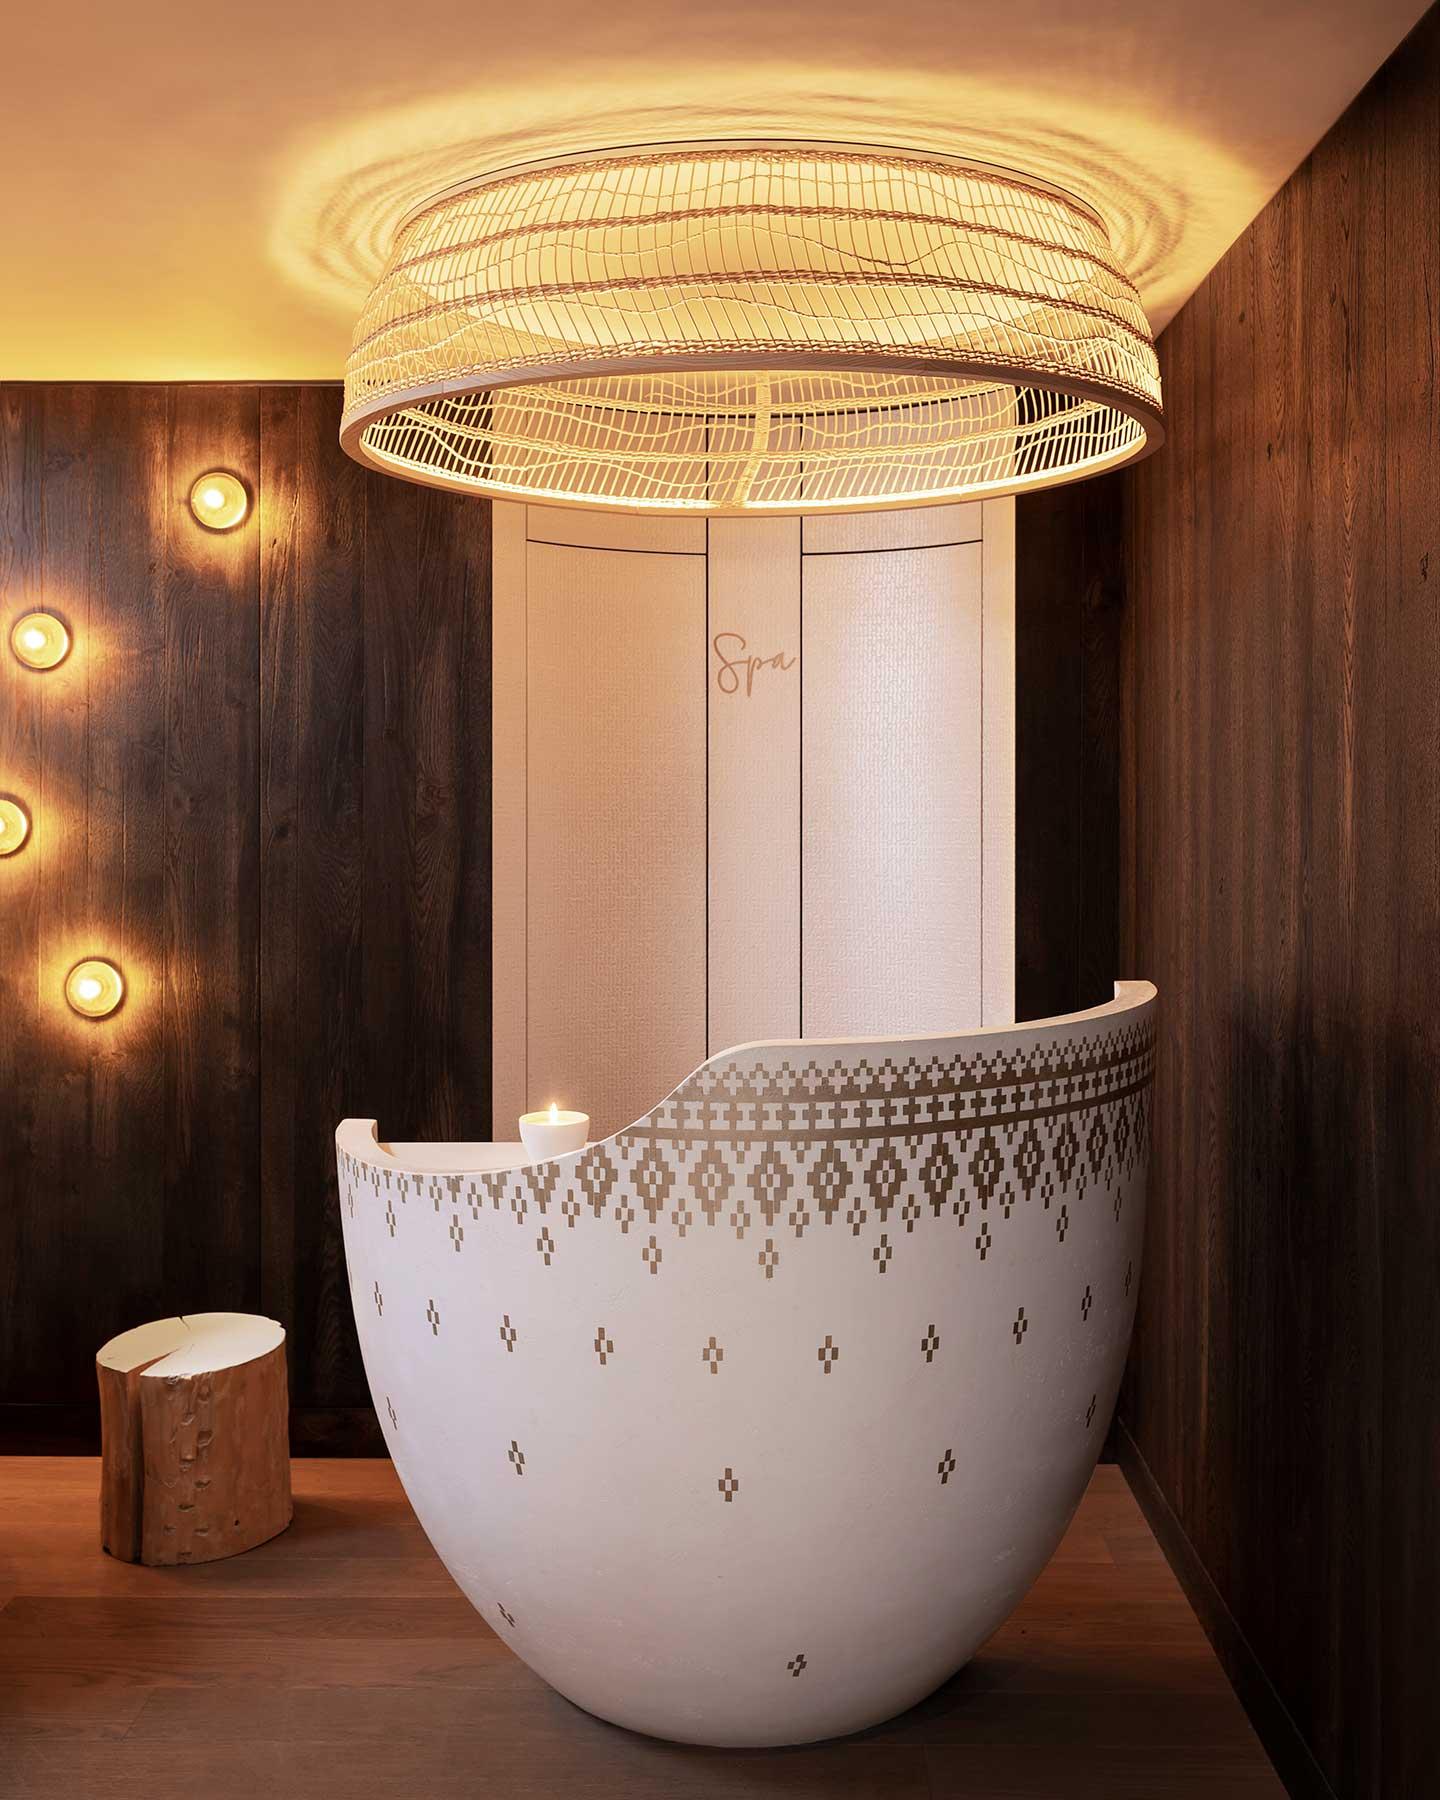 Accueil du spa en forme d'oeuf, appliques bulle sur mur en bois